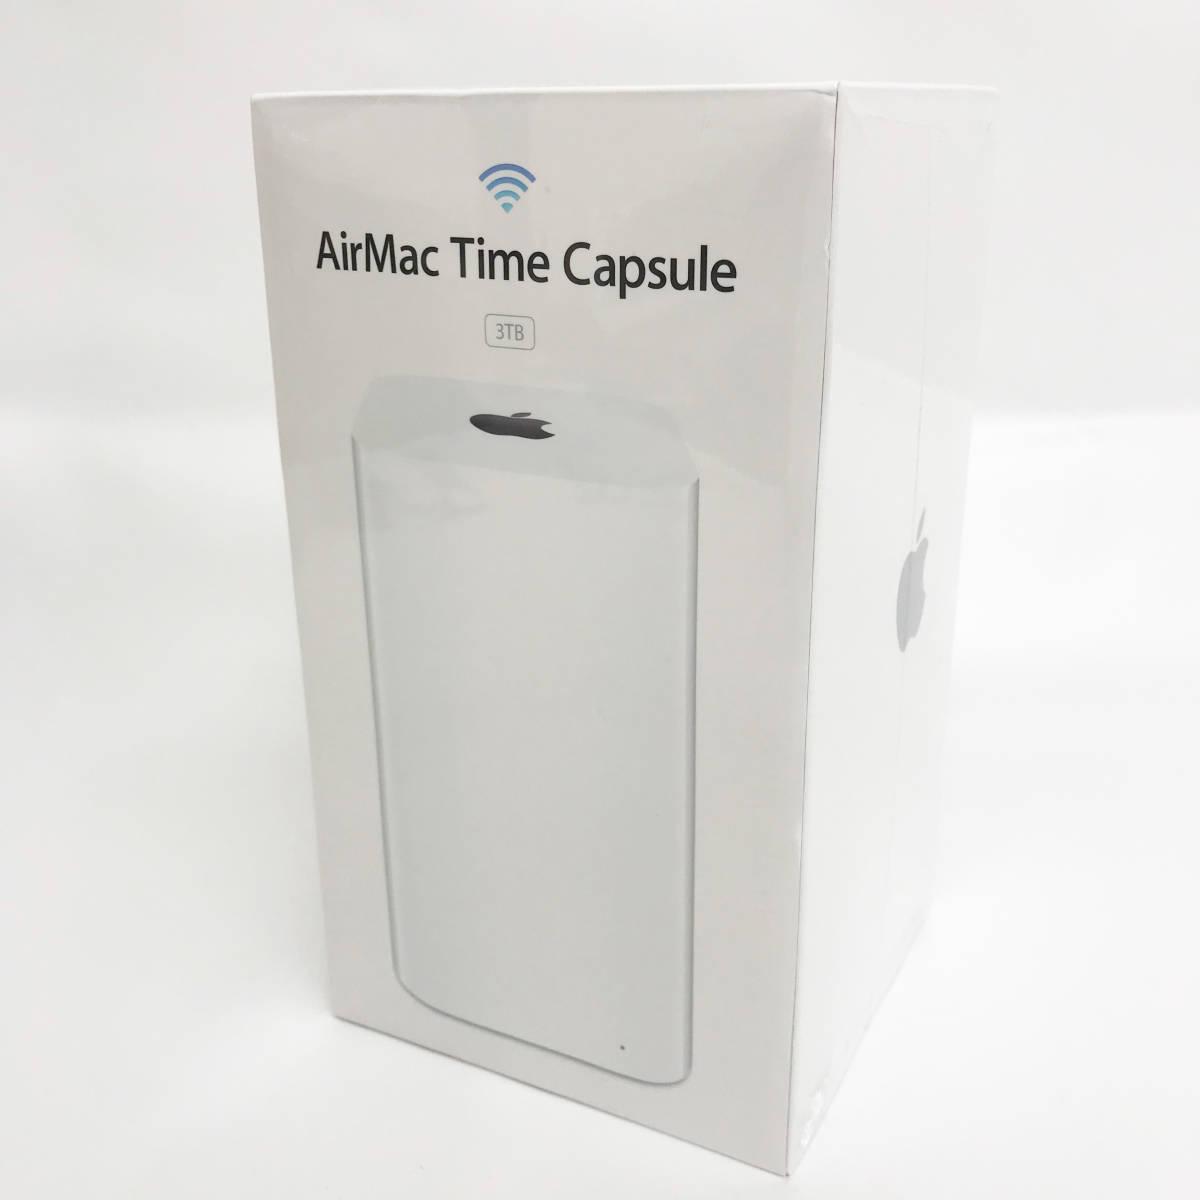 新品未開封品 Apple AirMac Time Capsule 3TB ME182J/A 生産終了品 メーカー保証付